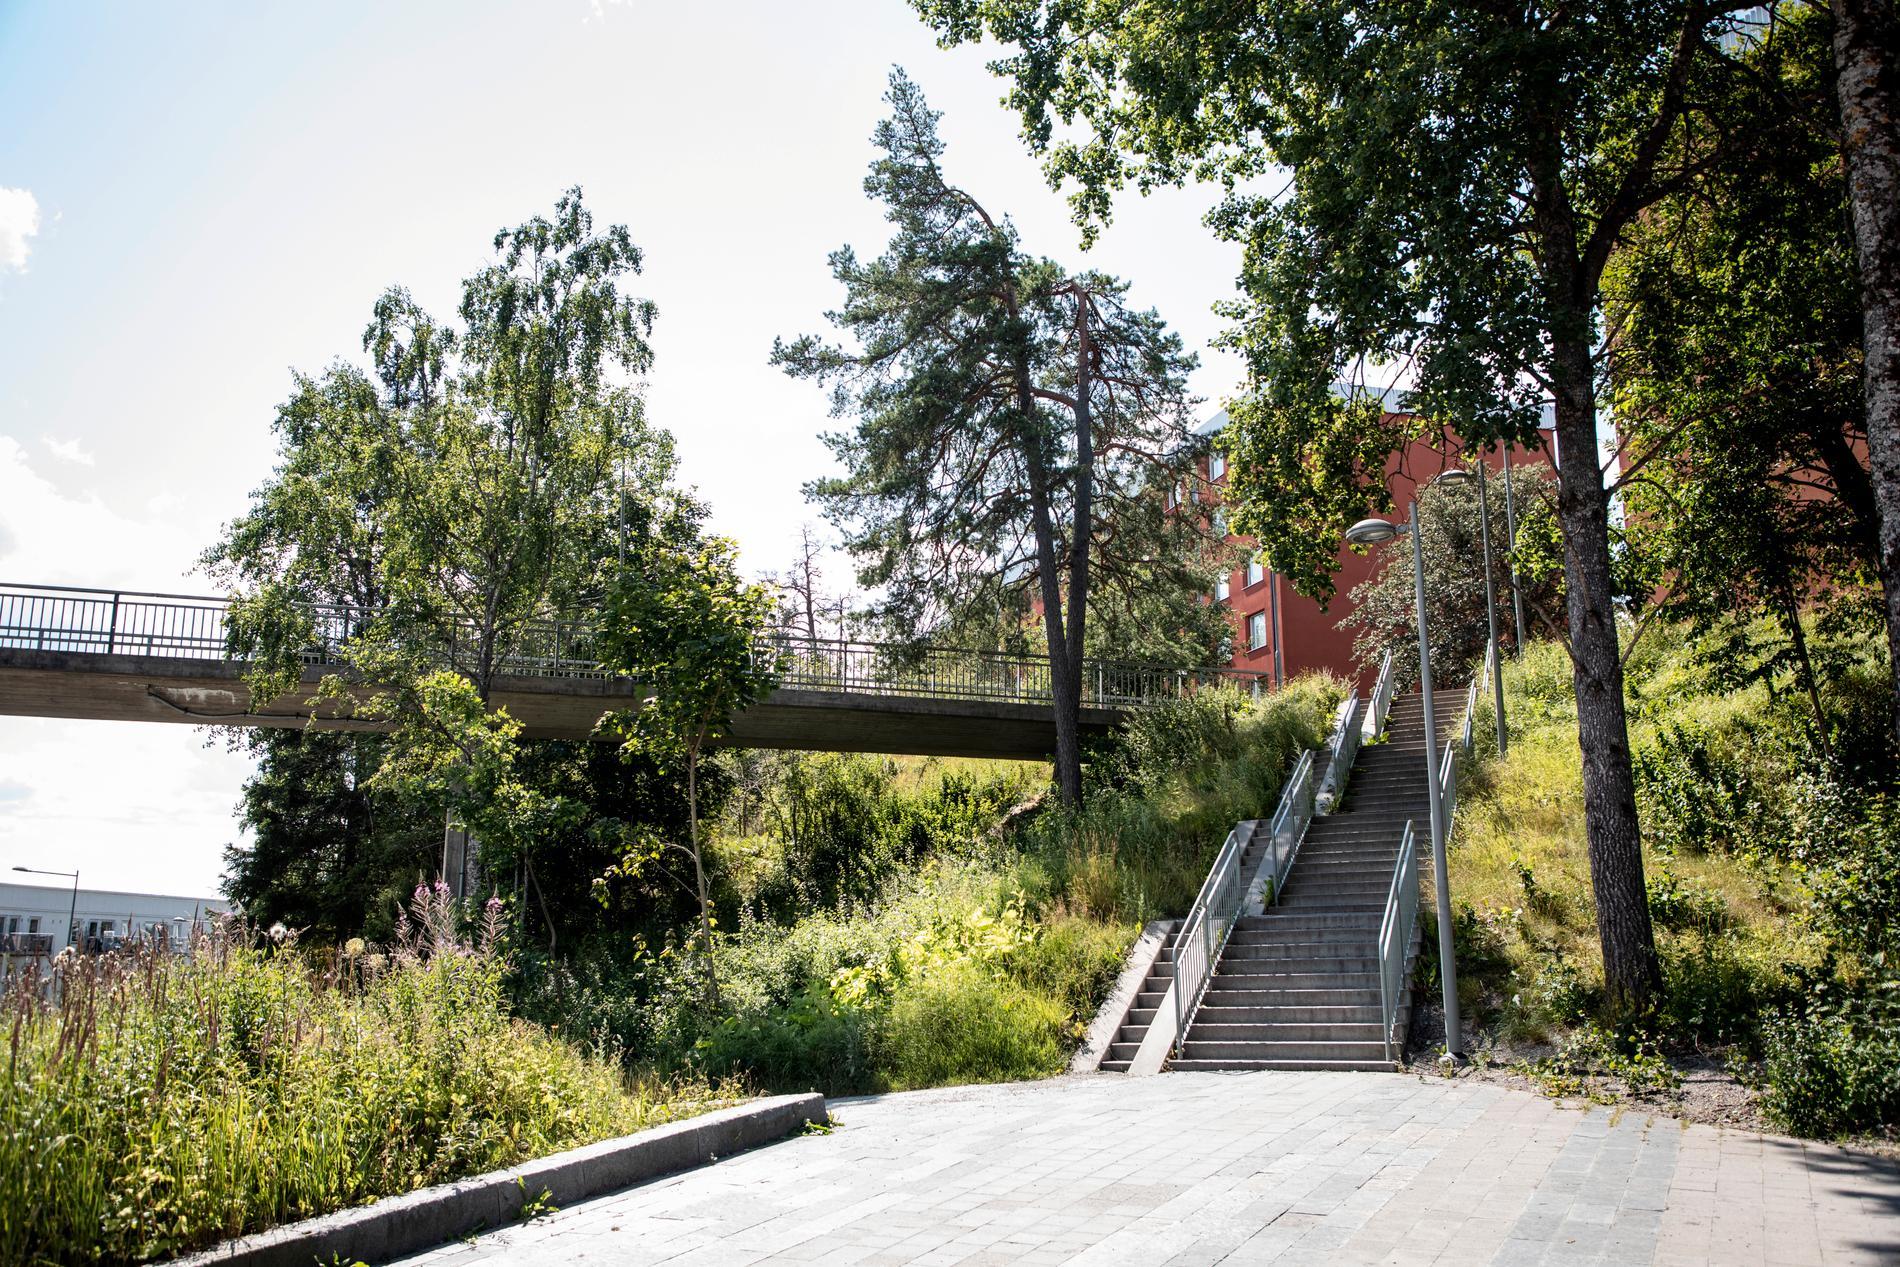 Gångbron i Visättra, Flemingsberg, där skottlossning skett.